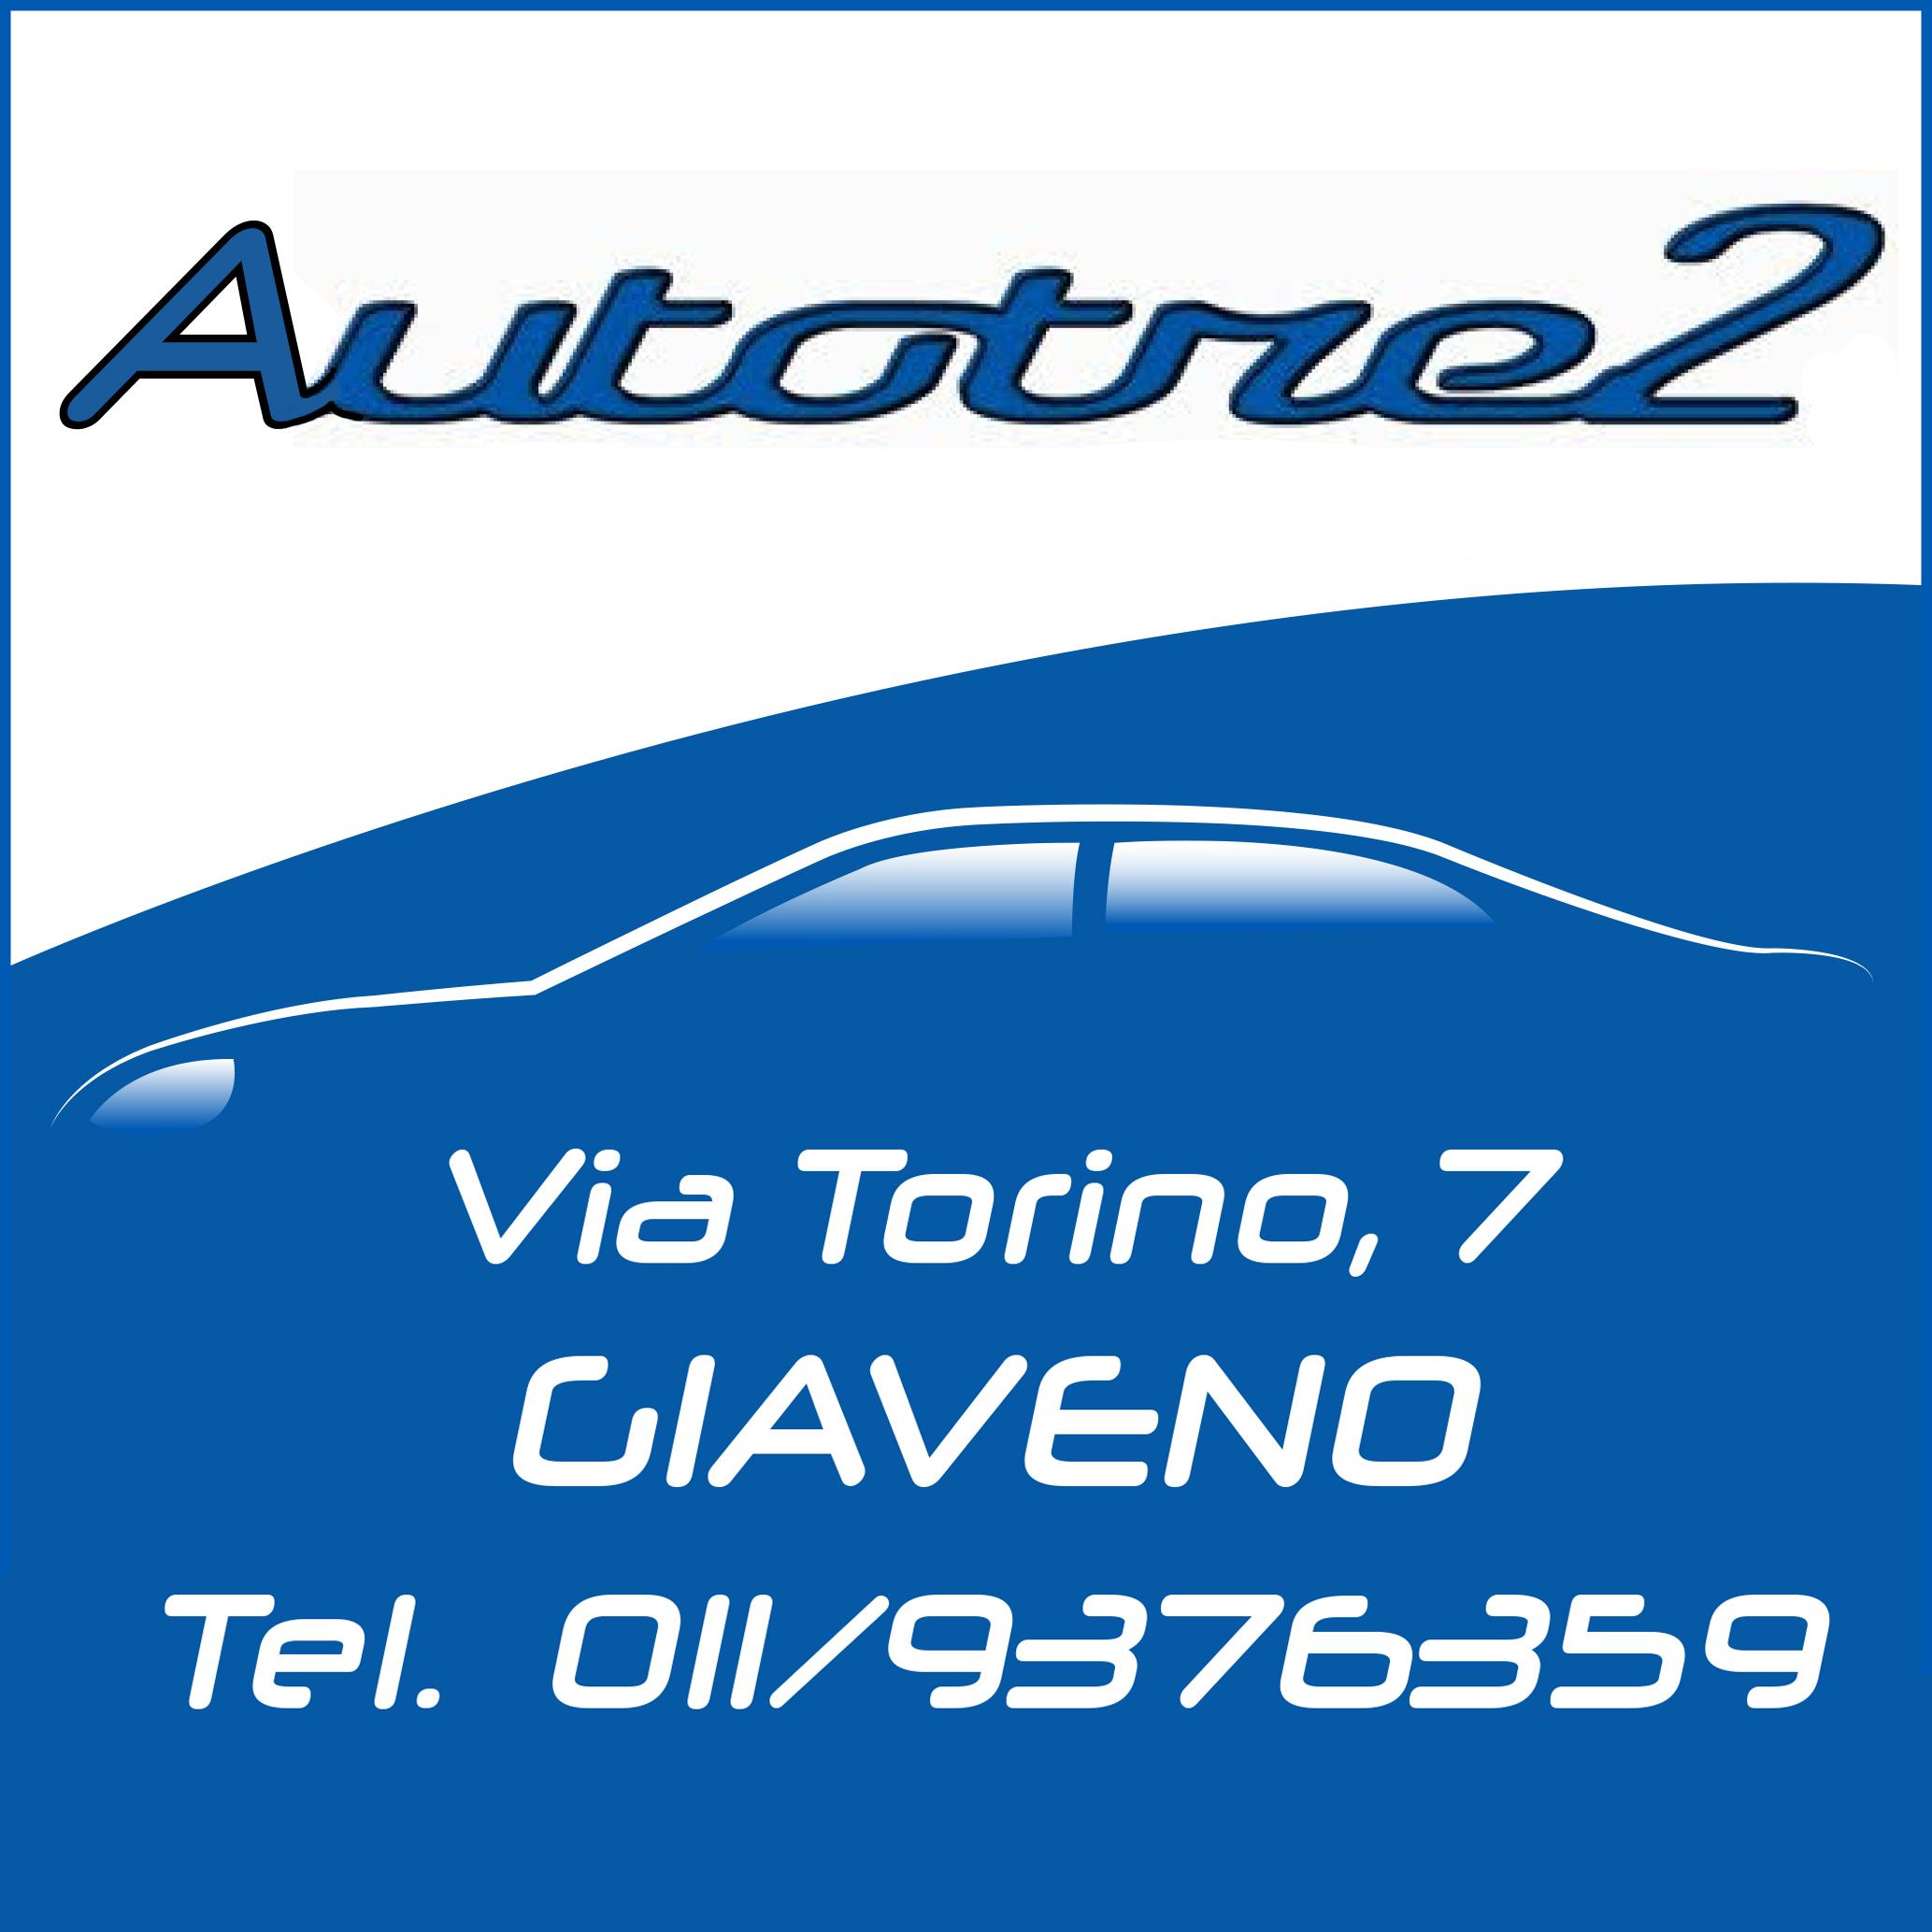 AUTOTRE2